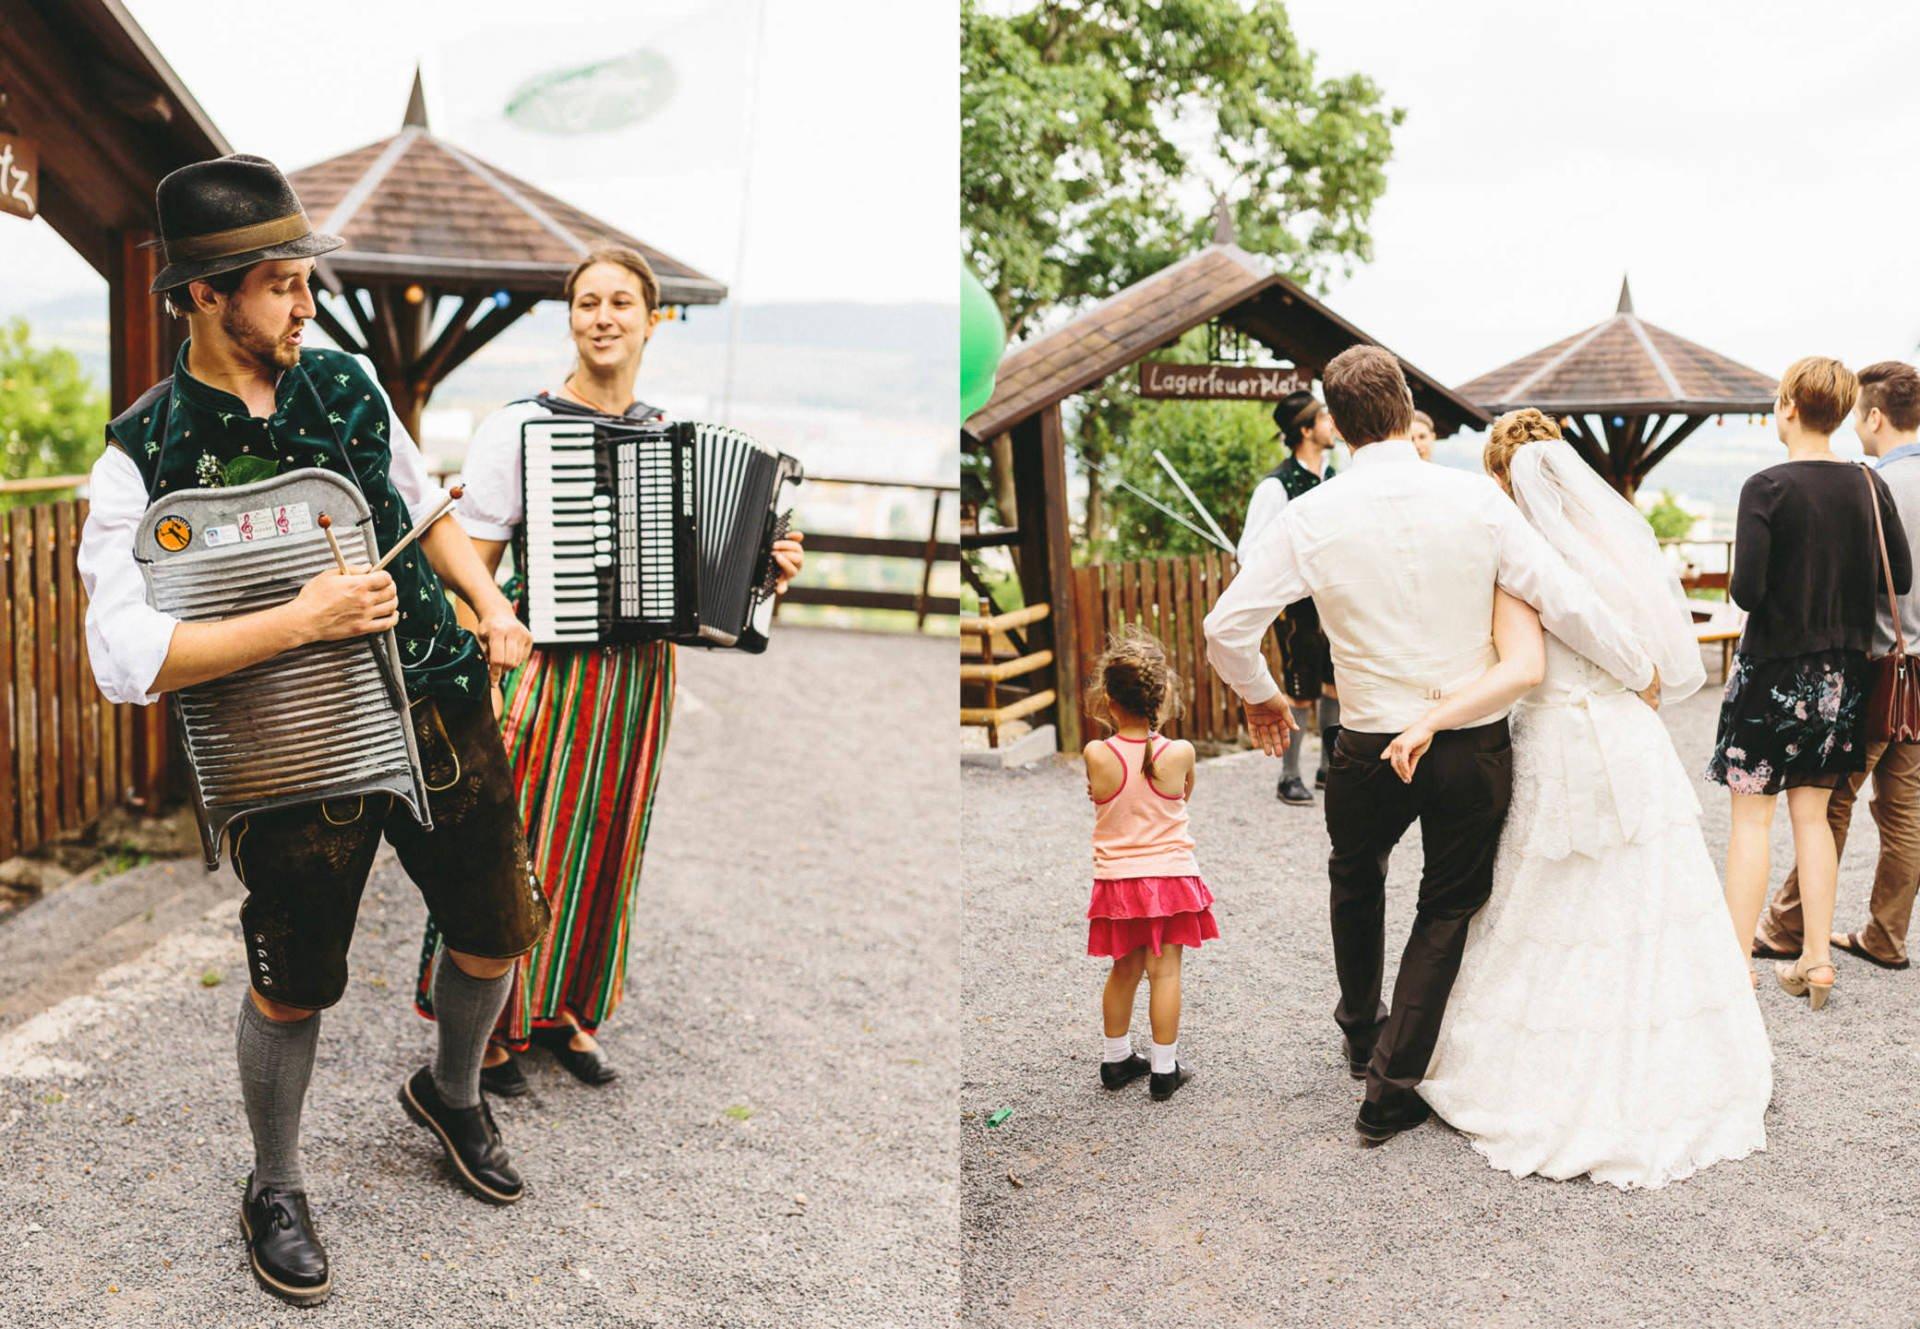 Bayrische Hochzeit Collage 3 - Bayrische Jagdhüttenhochzeit in Thüringen